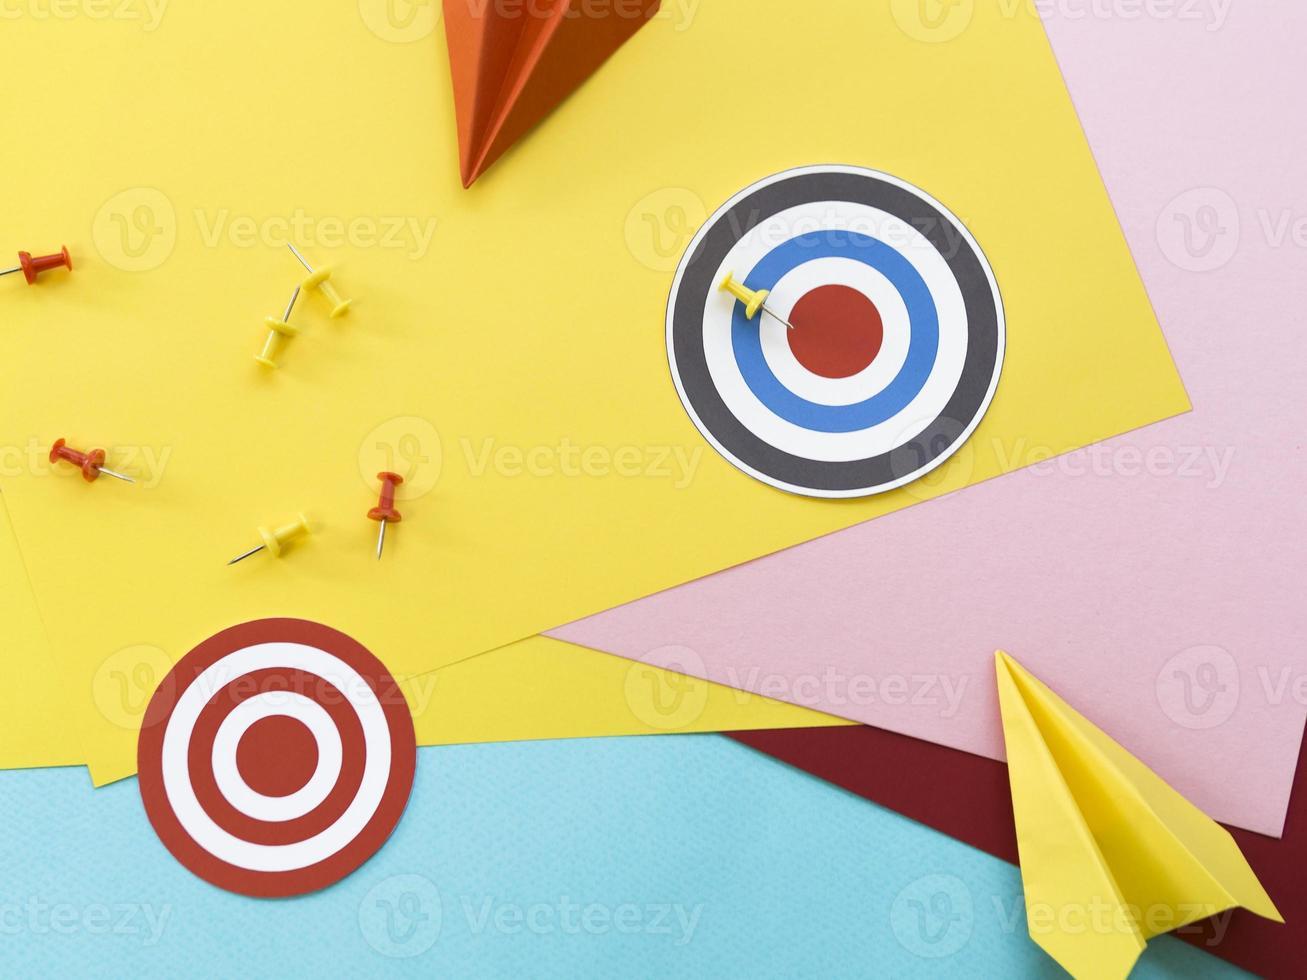 objetivos de papel con alfileres y aviones de papel foto